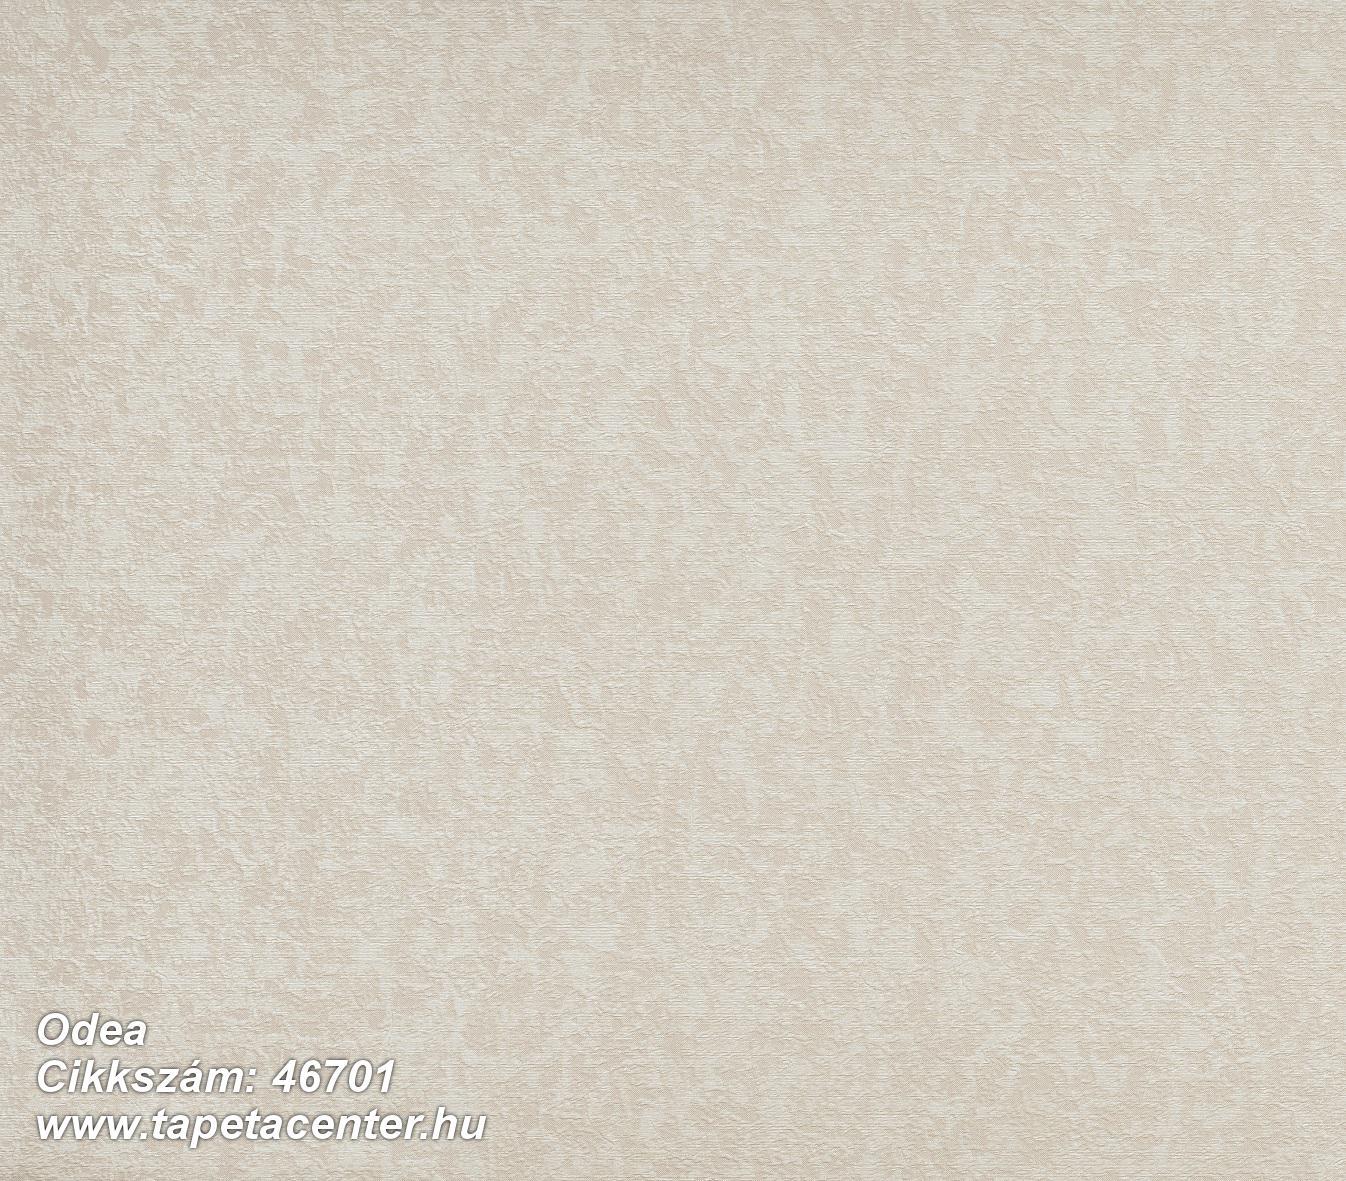 Odea - 46701 Olasz tapéta